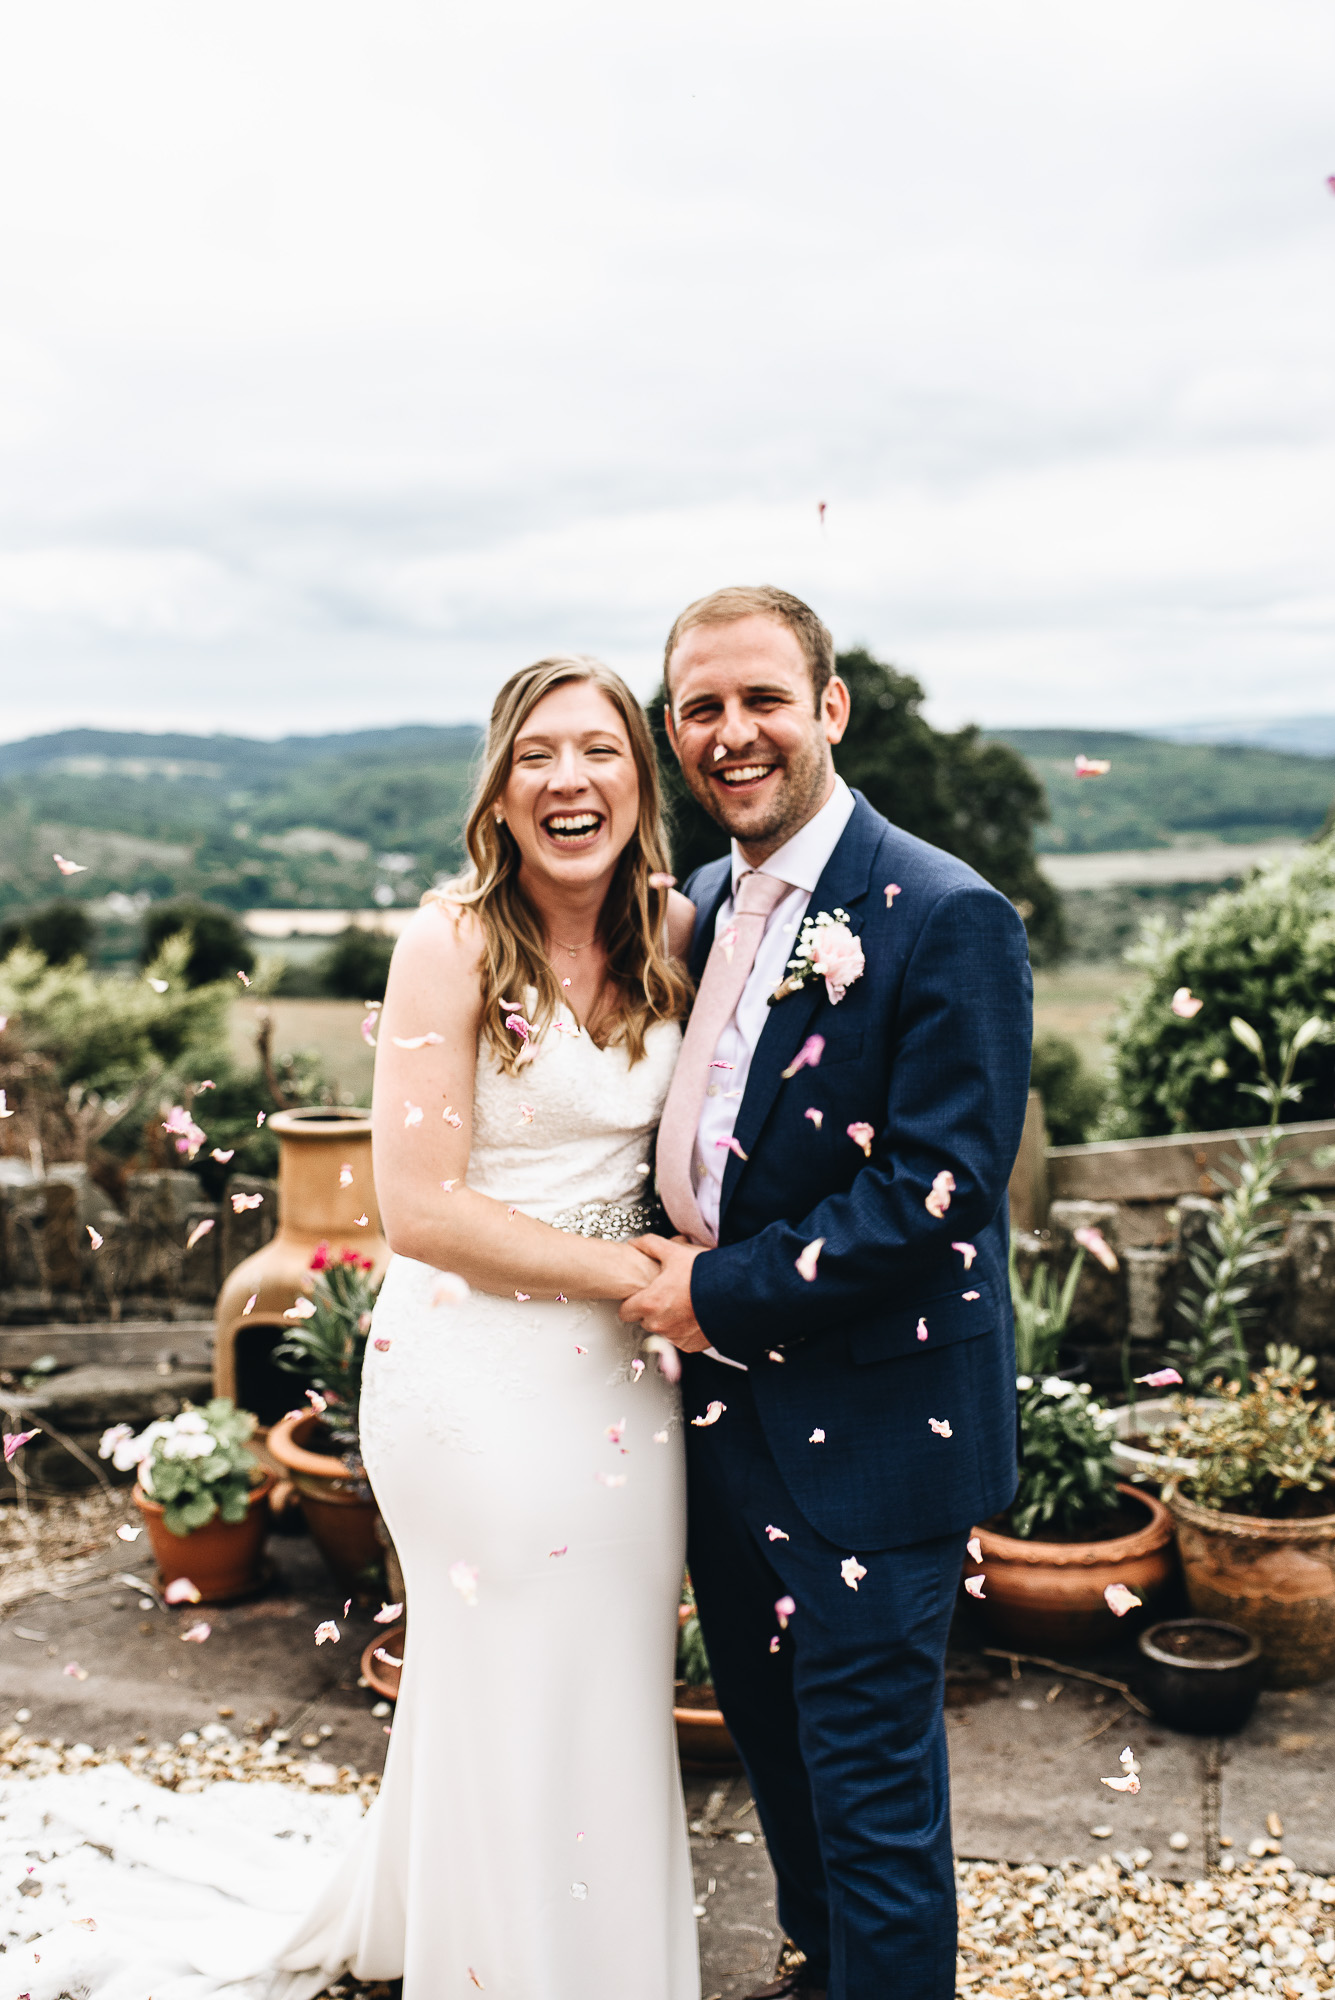 OurBeautifulAdventure-CardiffCastleWedding-Maddie&Joe-WeddingBlog-2385.jpg